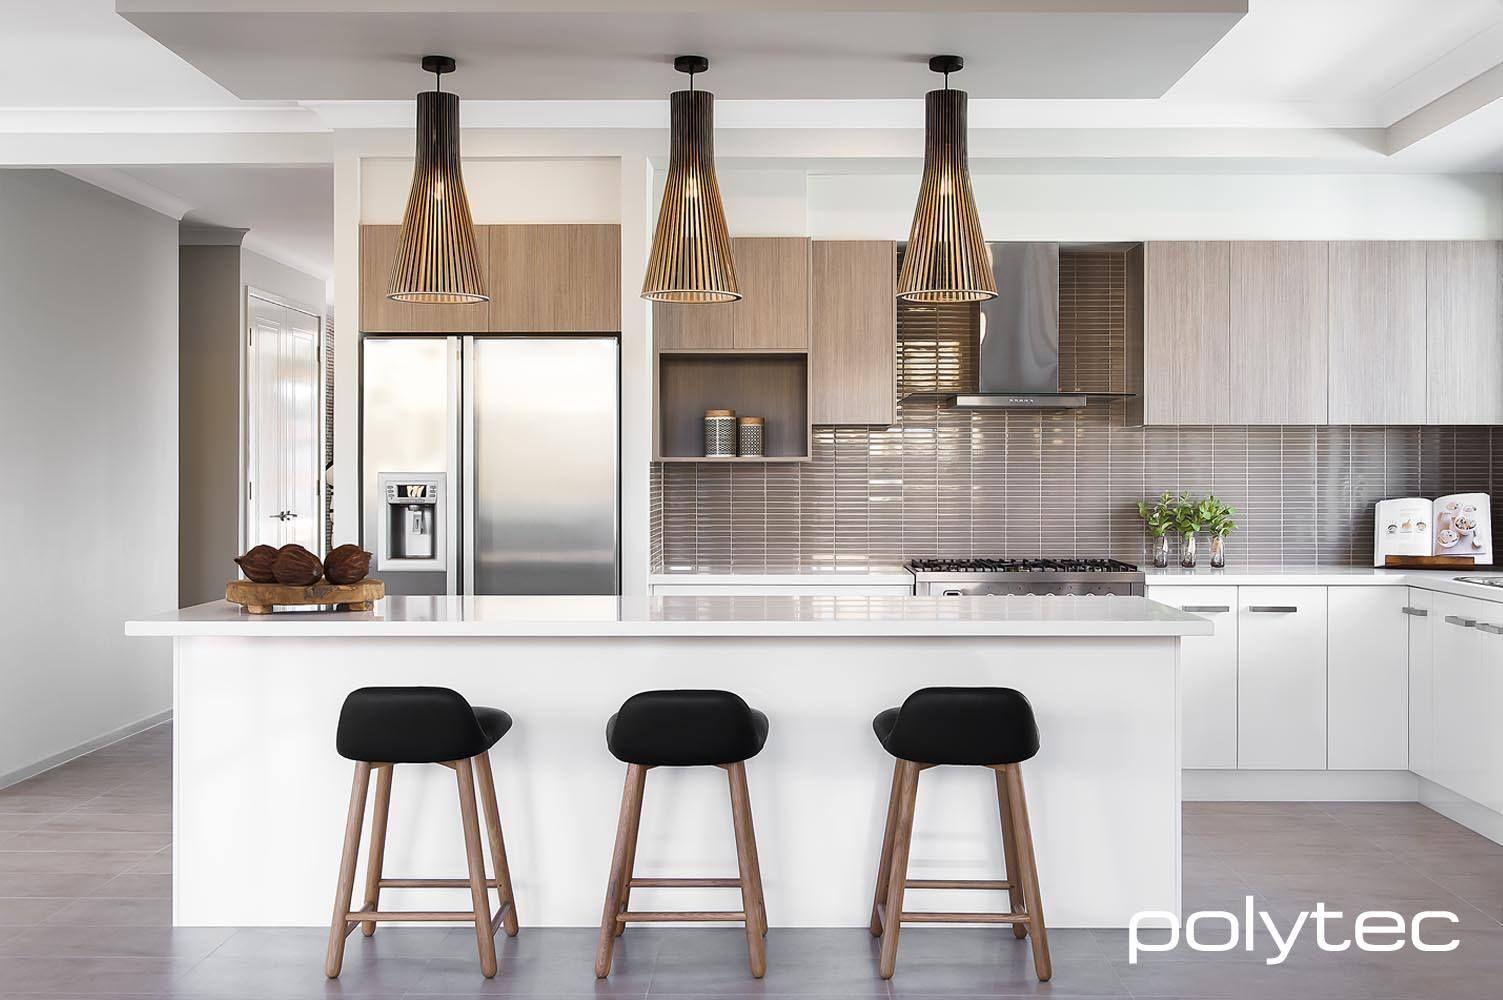 Polytec Matt Tessuto Milan Kitchen Interior Kitchen Remodel Kitchen Inspirations